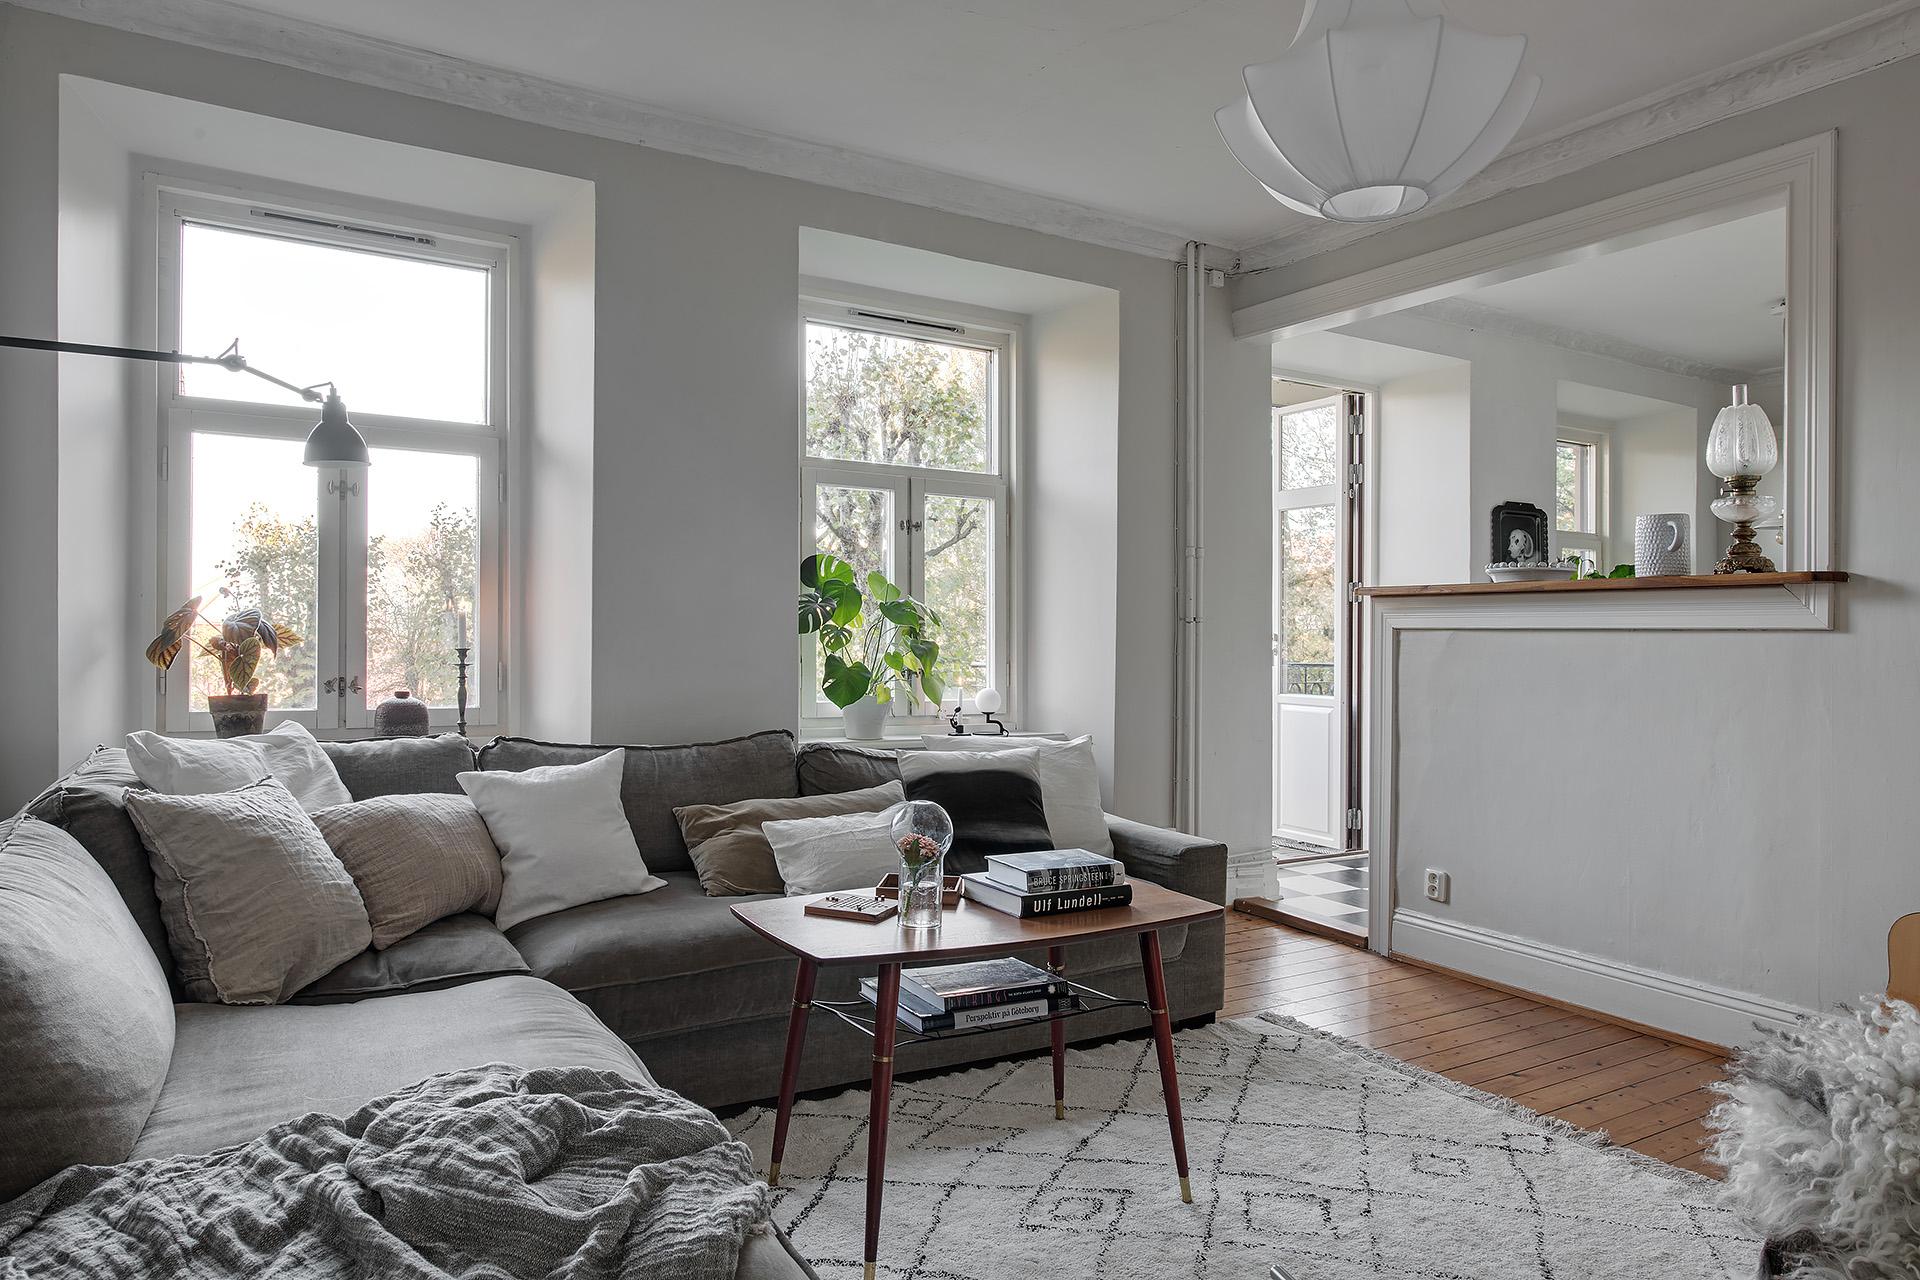 Ungdommelige stue-indretning-bolig-boligindretning - BoligciousBoligcious VJ52